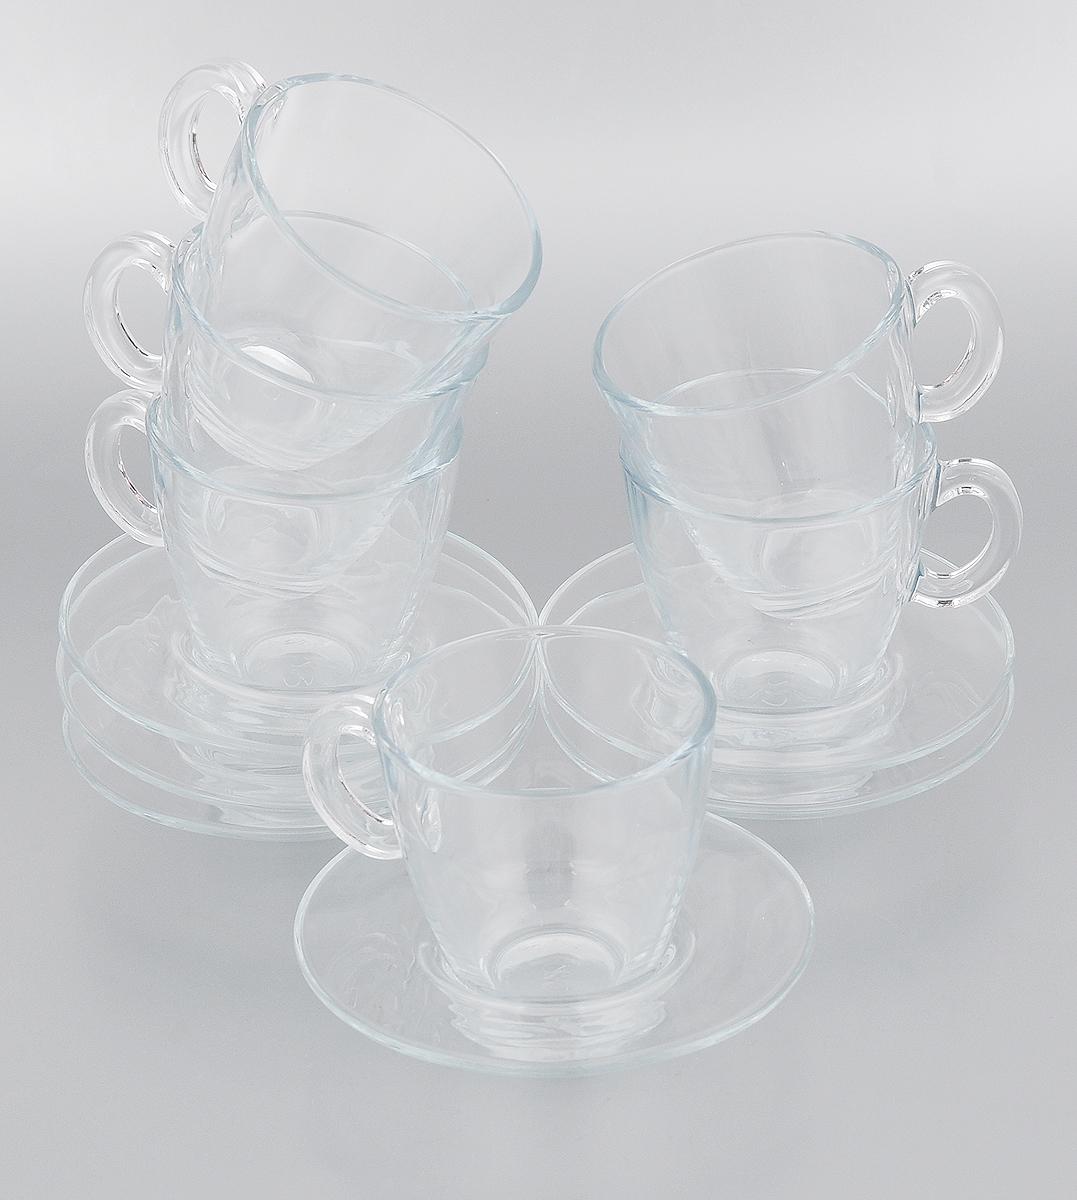 Набор чайный Pasabahce Aqua, 12 предметов115510Чайный набор Pasabahce Aqua состоит из шести чашек и шести блюдец. Предметы набора изготовлены из прочного натрий-кальций-силикатного стекла. Изящный чайный набор великолепно украсит стол к чаепитию и порадует вас и ваших гостей ярким дизайном и качеством исполнения.Можно использовать в микроволновой печи, в холодильнике и мыть в посудомоечной машине.Диаметр чашки по верхнему краю: 8 см.Высота чашки: 8 см.Объем чашки: 215 мл.Диаметр блюдца: 13 см.Высота блюдца: 2,5 см.